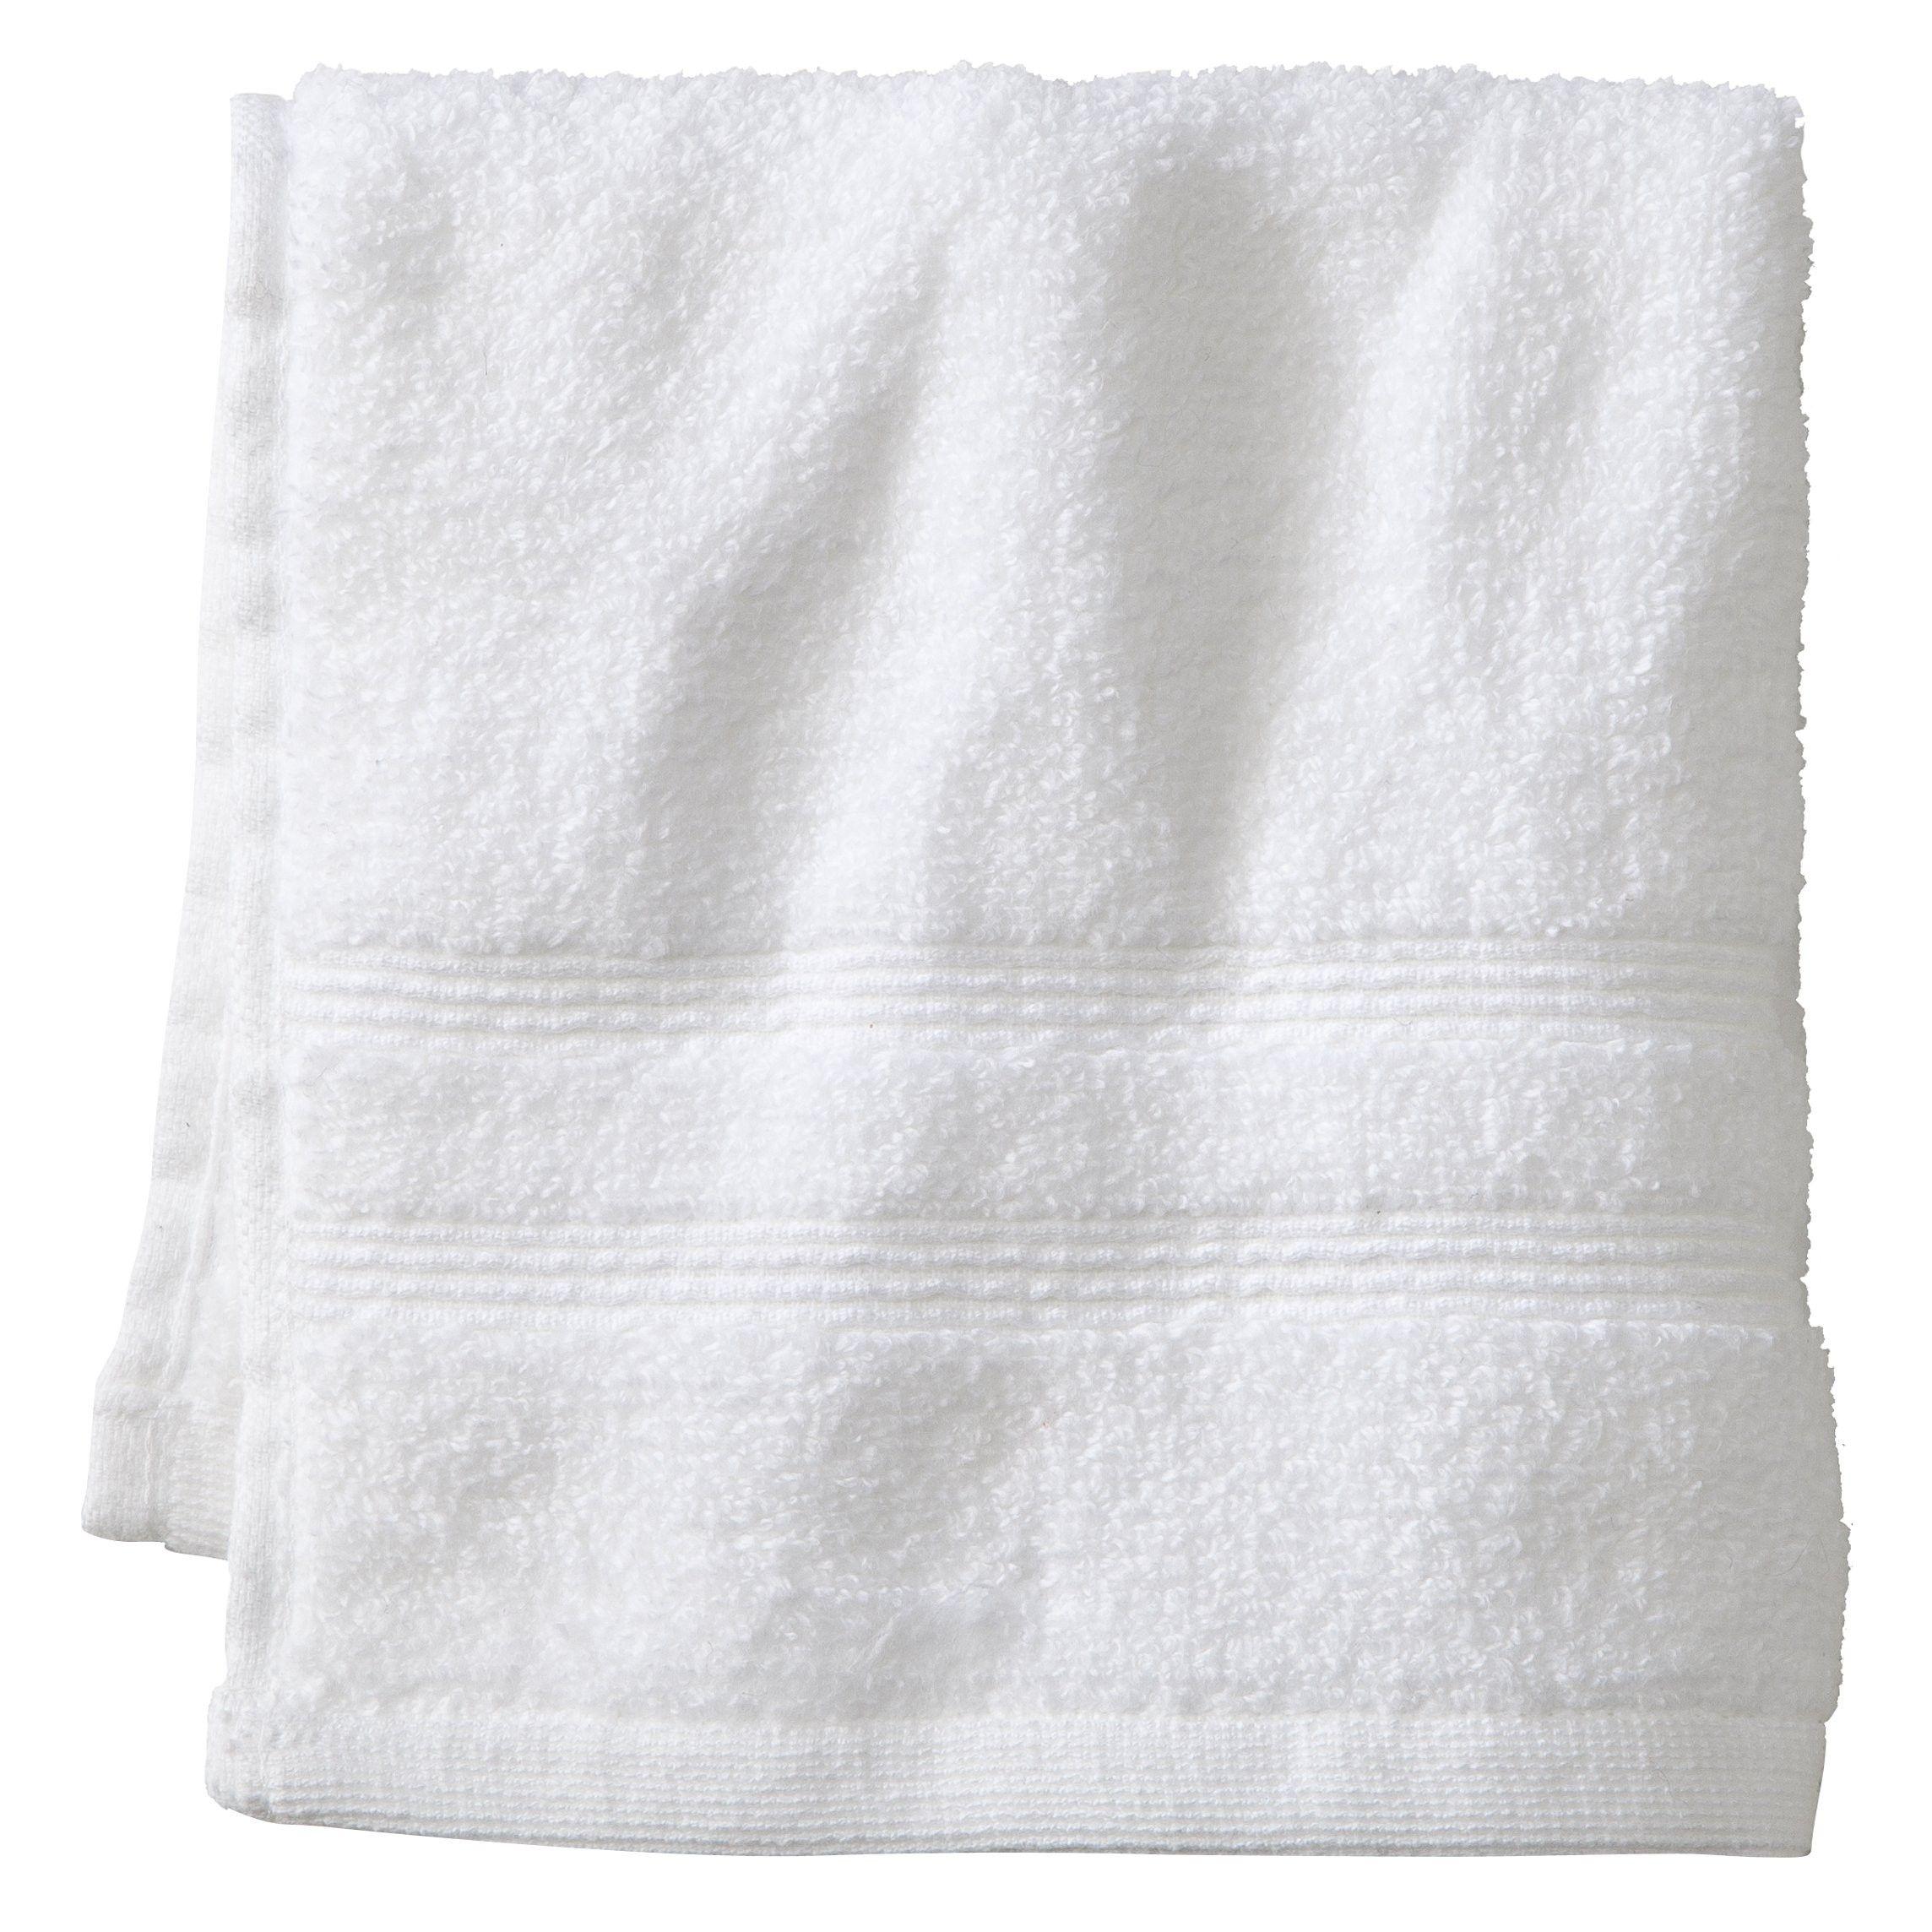 Fieldcrest Luxury Solid Bath Towels Target Decor I Want To - Fieldcrest bath towels for small bathroom ideas